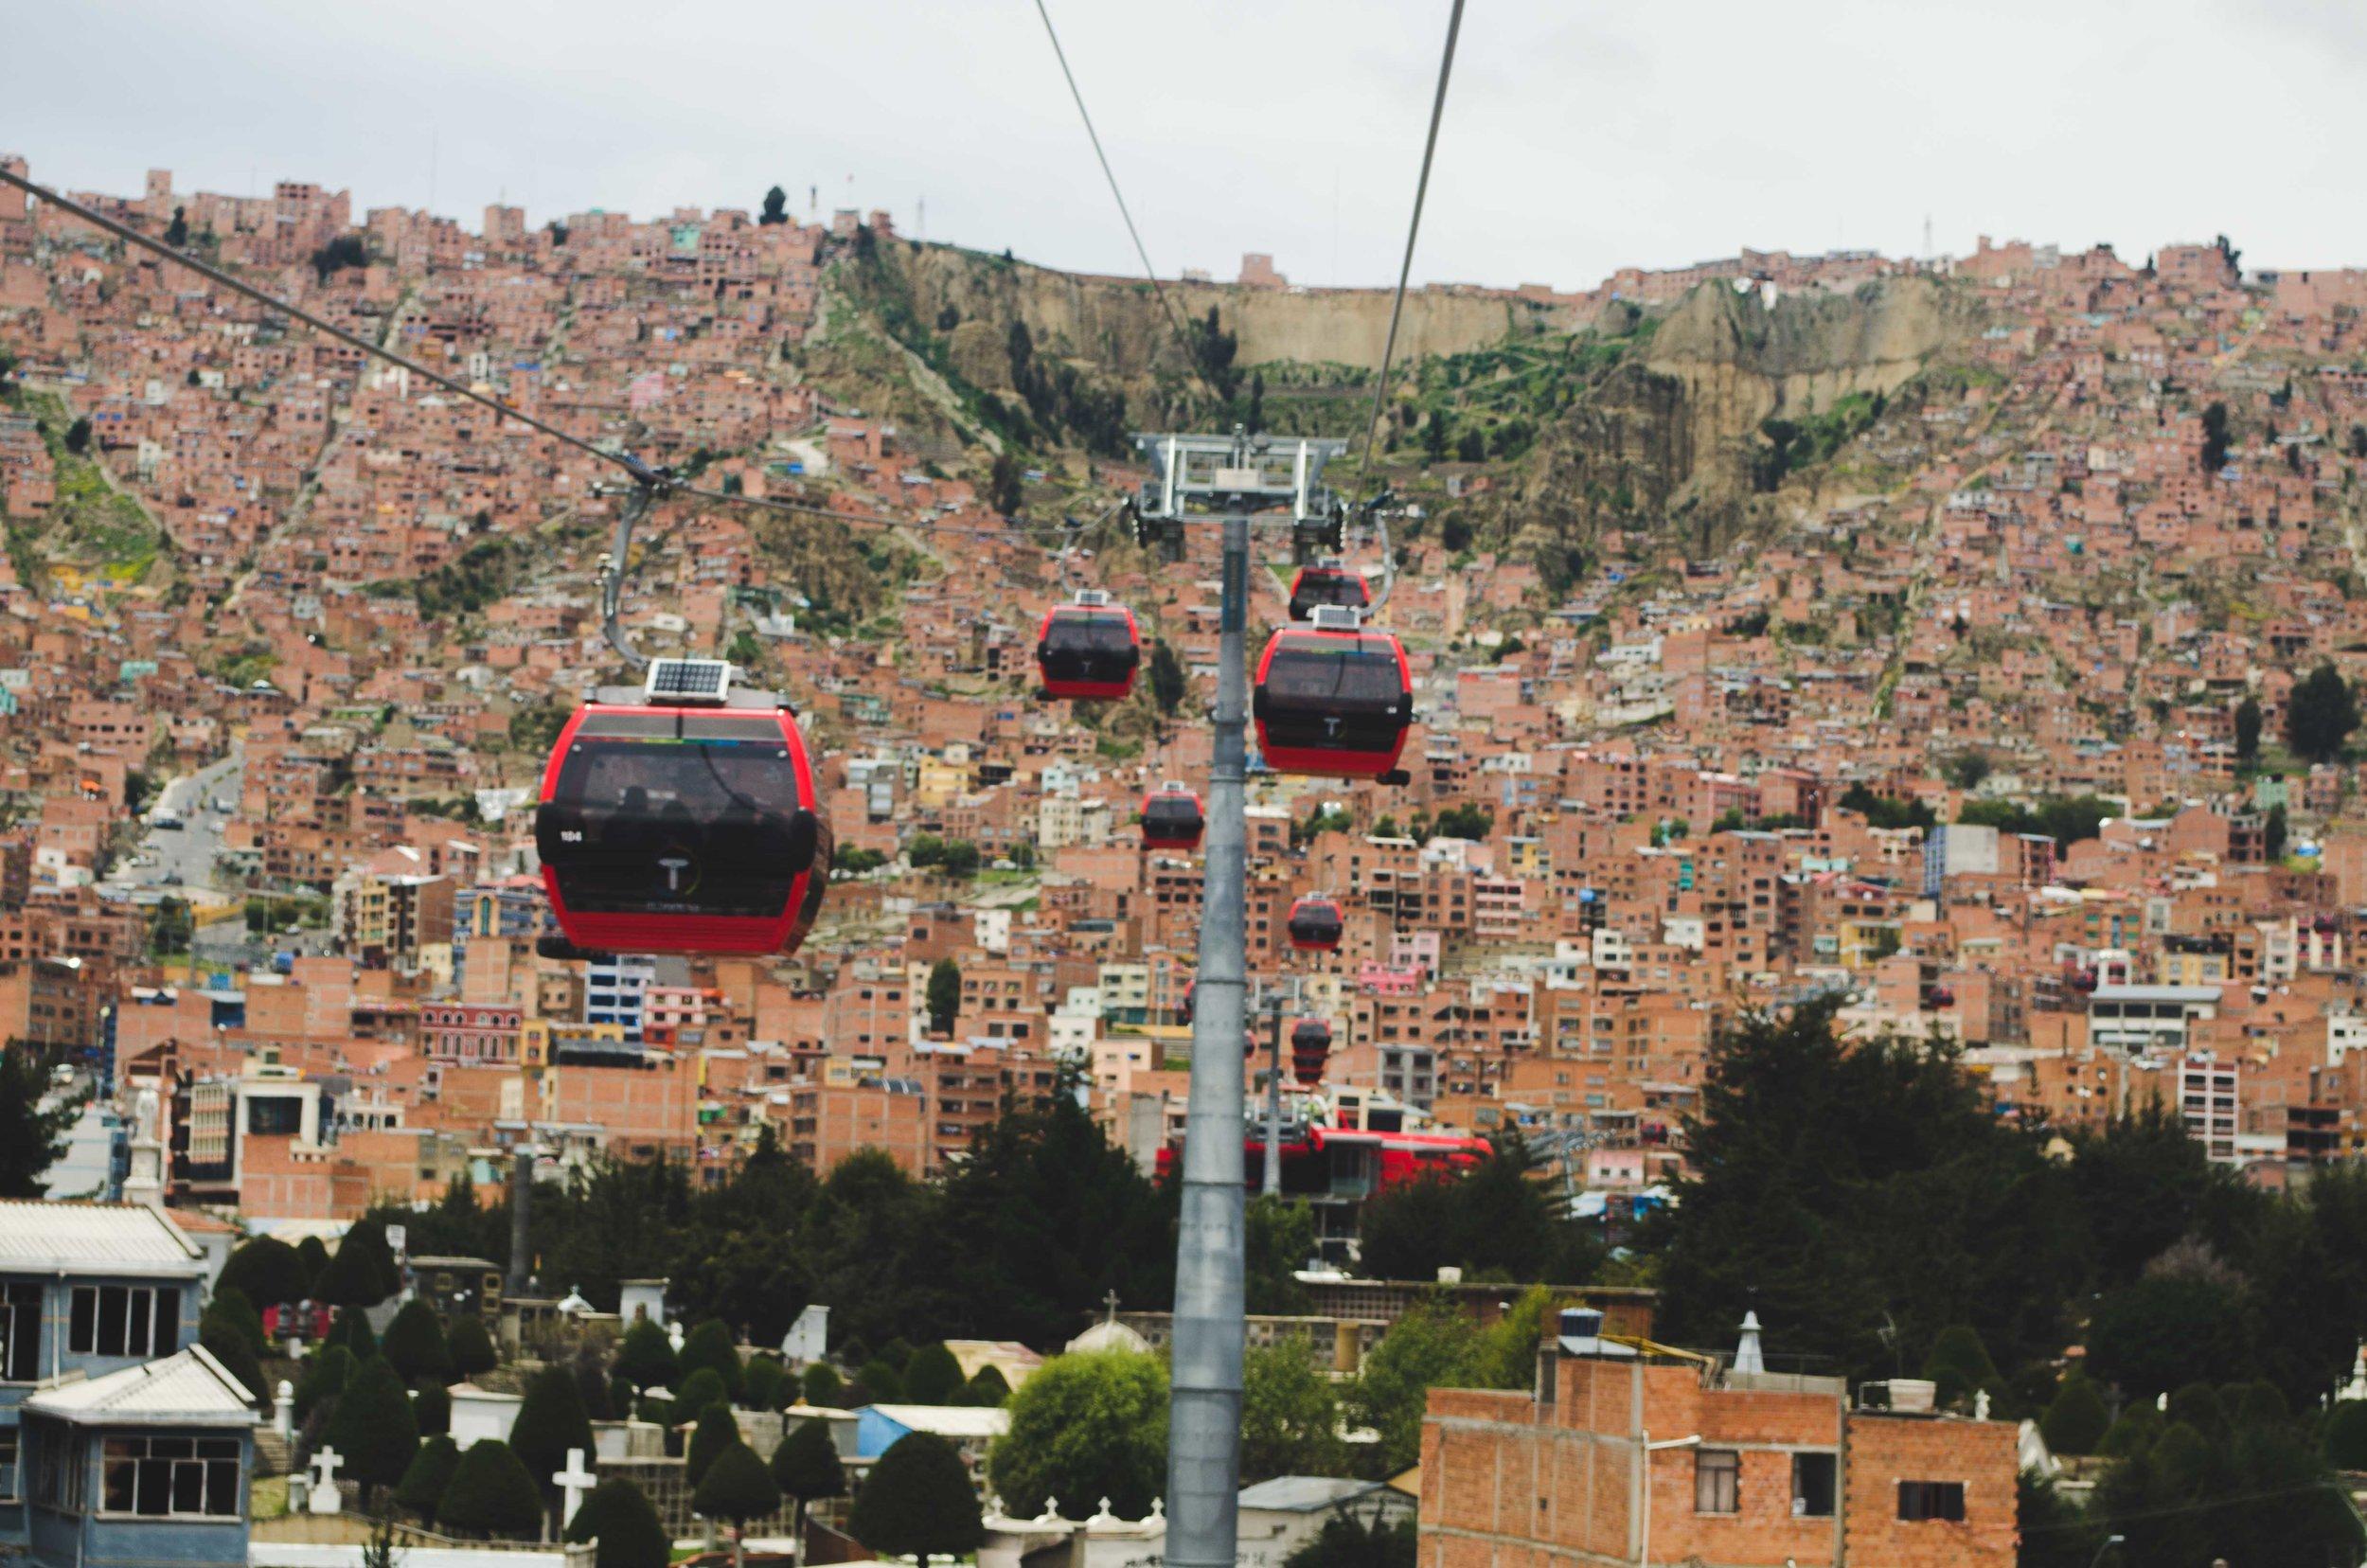 La Paz' cable car system